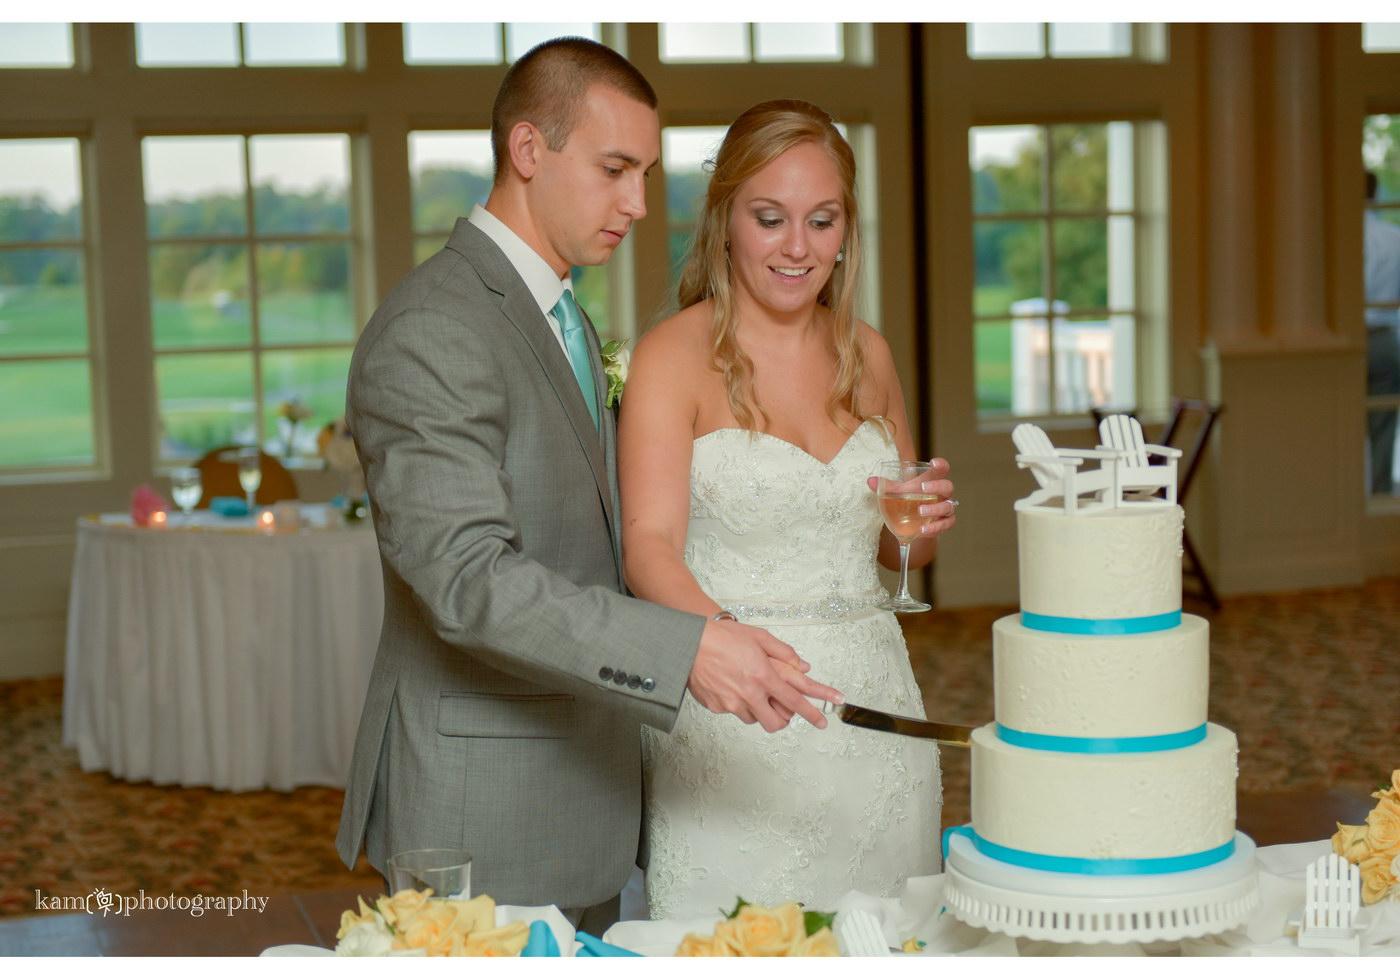 Melodii pentru momentul in care se taie tortul la nunta